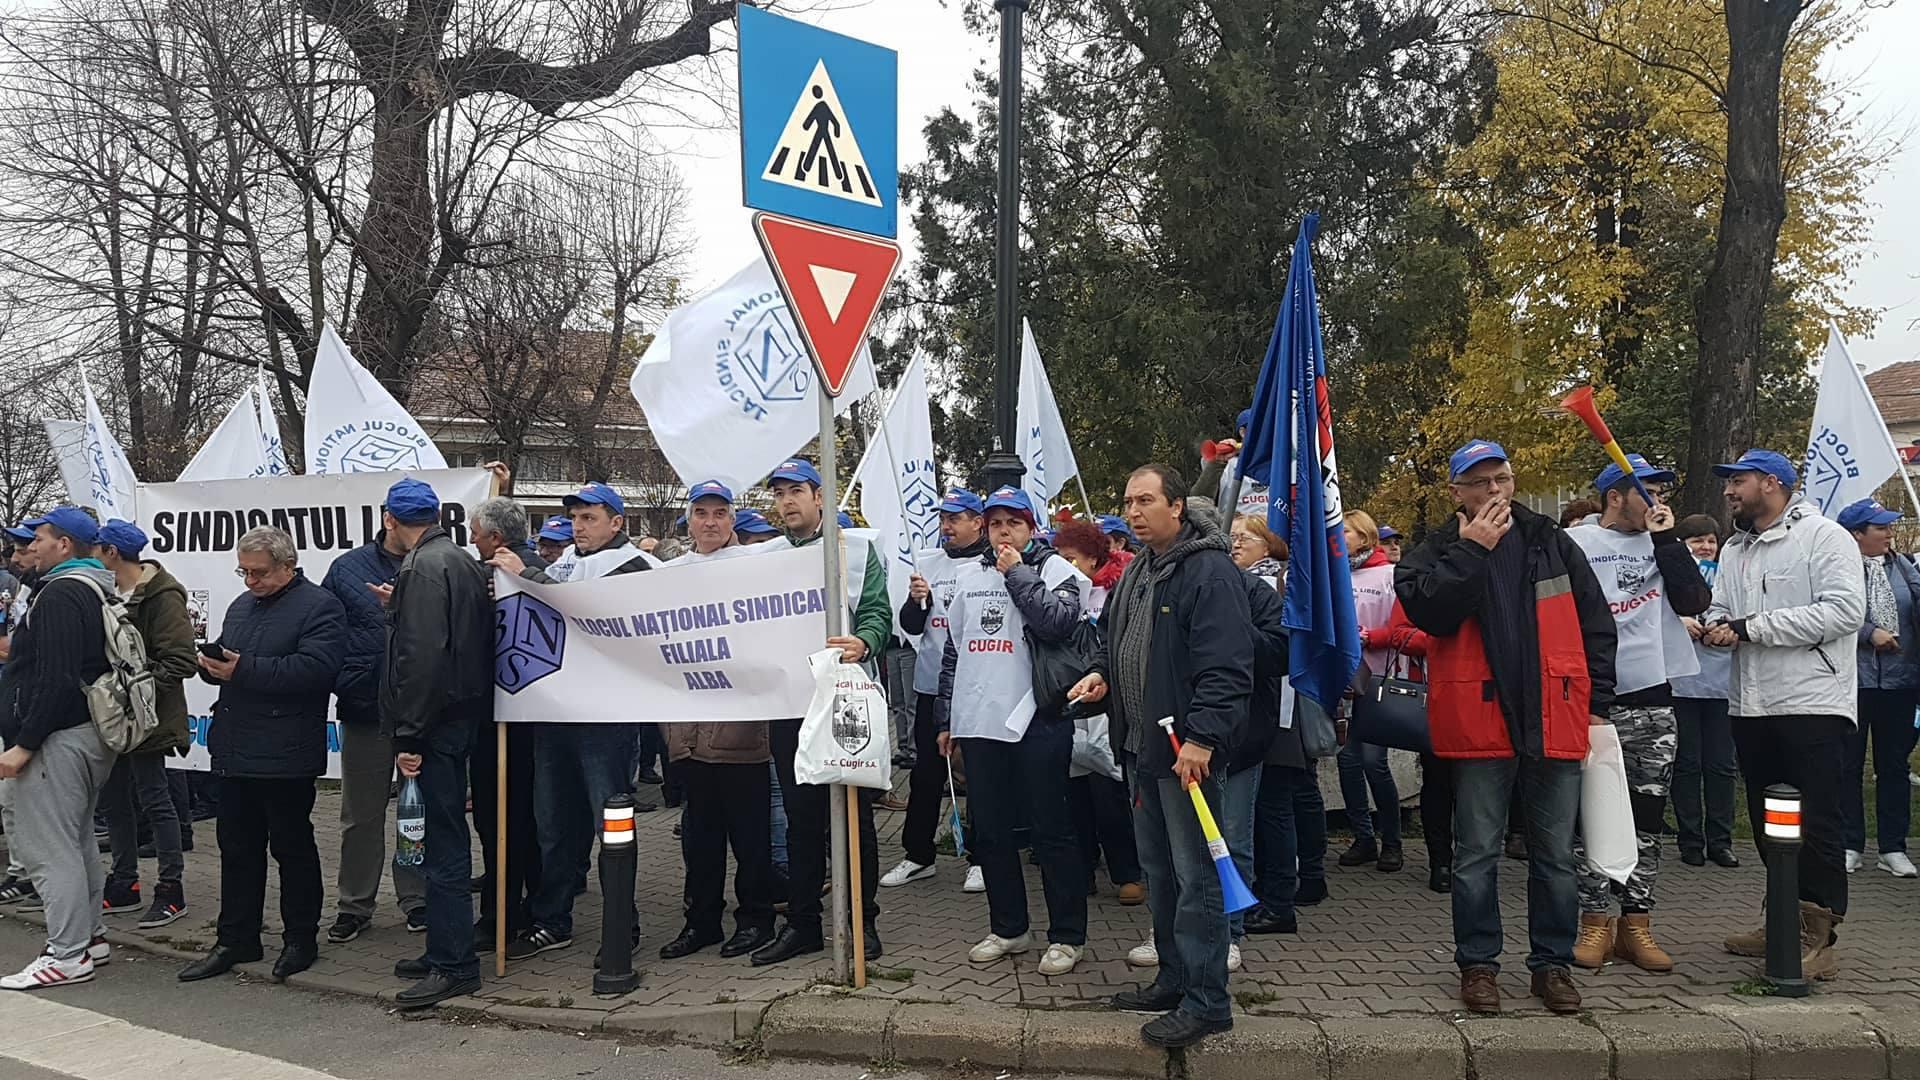 Peste 200 de sindicalişti Blocului Naţional Sindical au protestat la Alba Iulia, nemulţumiţi de transferul contribuţiilor | FOTO